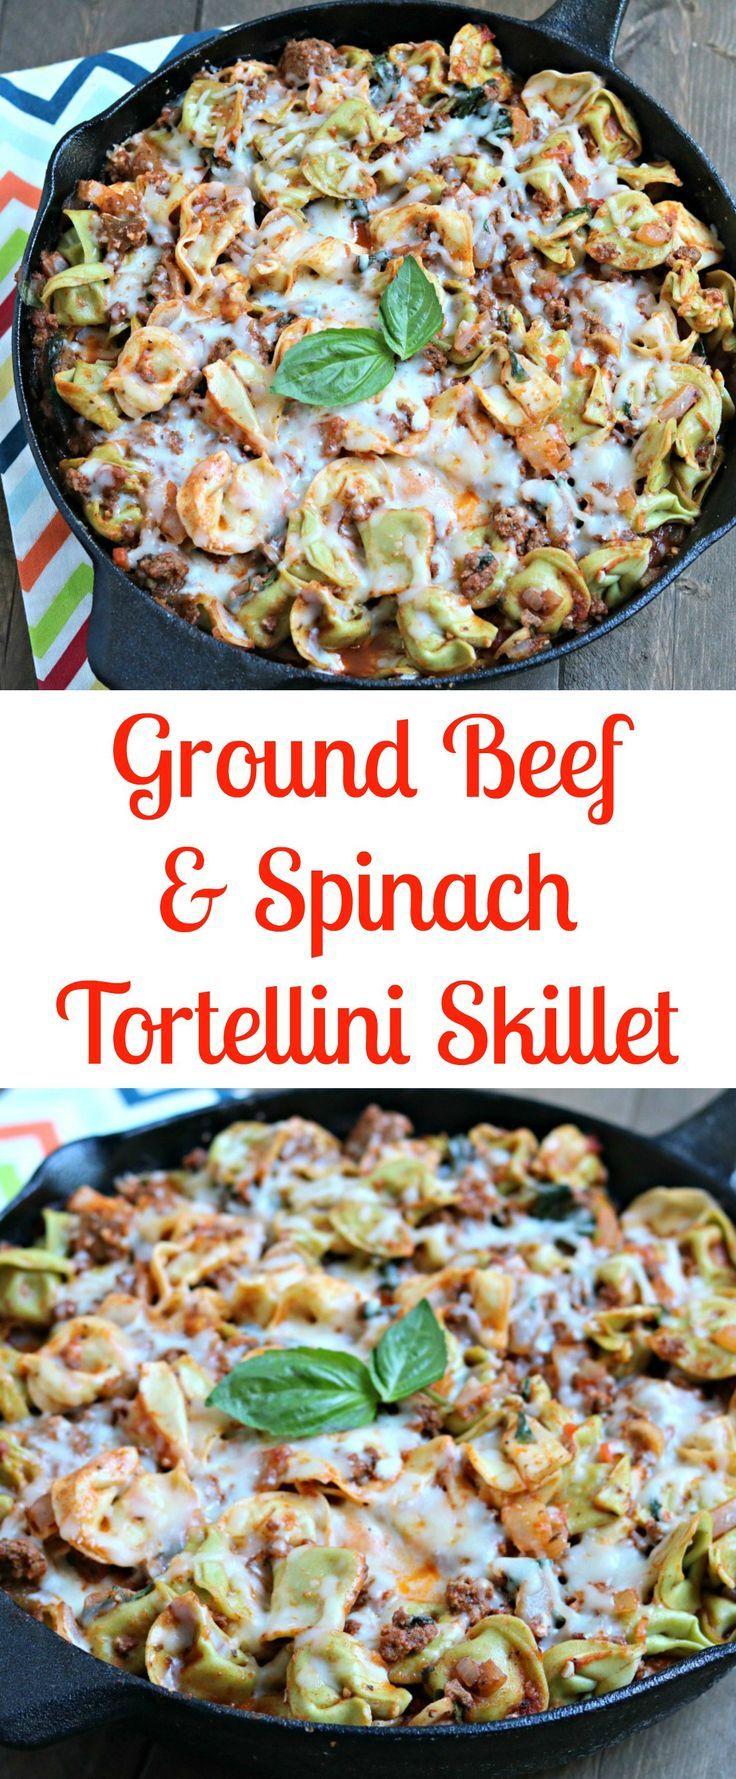 Ground Beef Spinach Tortellini Skillet #ad